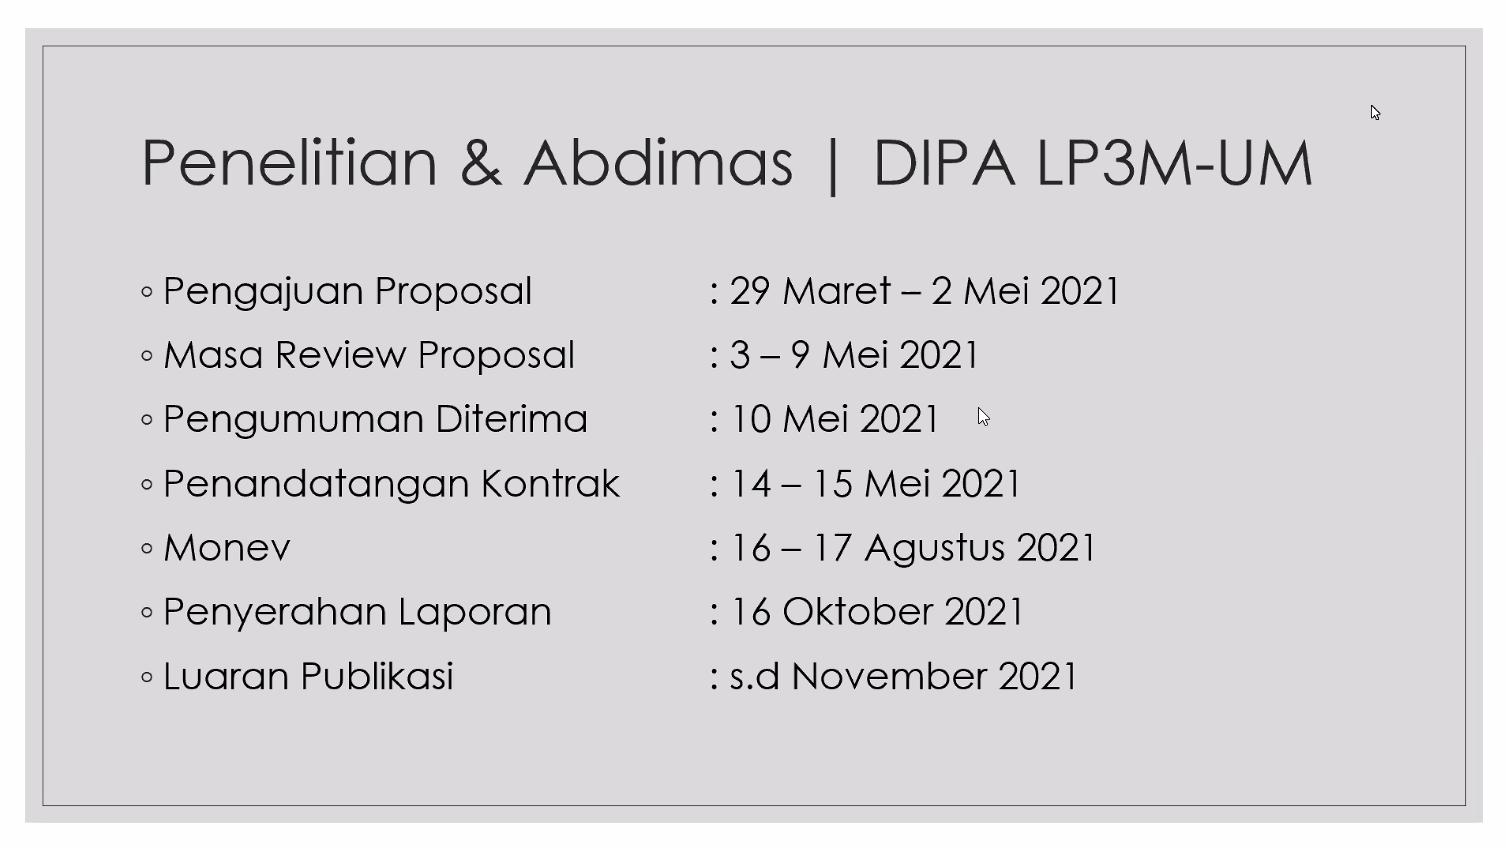 Tanggal penting Penelitian dan Abdimas Tahun 2021. Sumber: LP3M